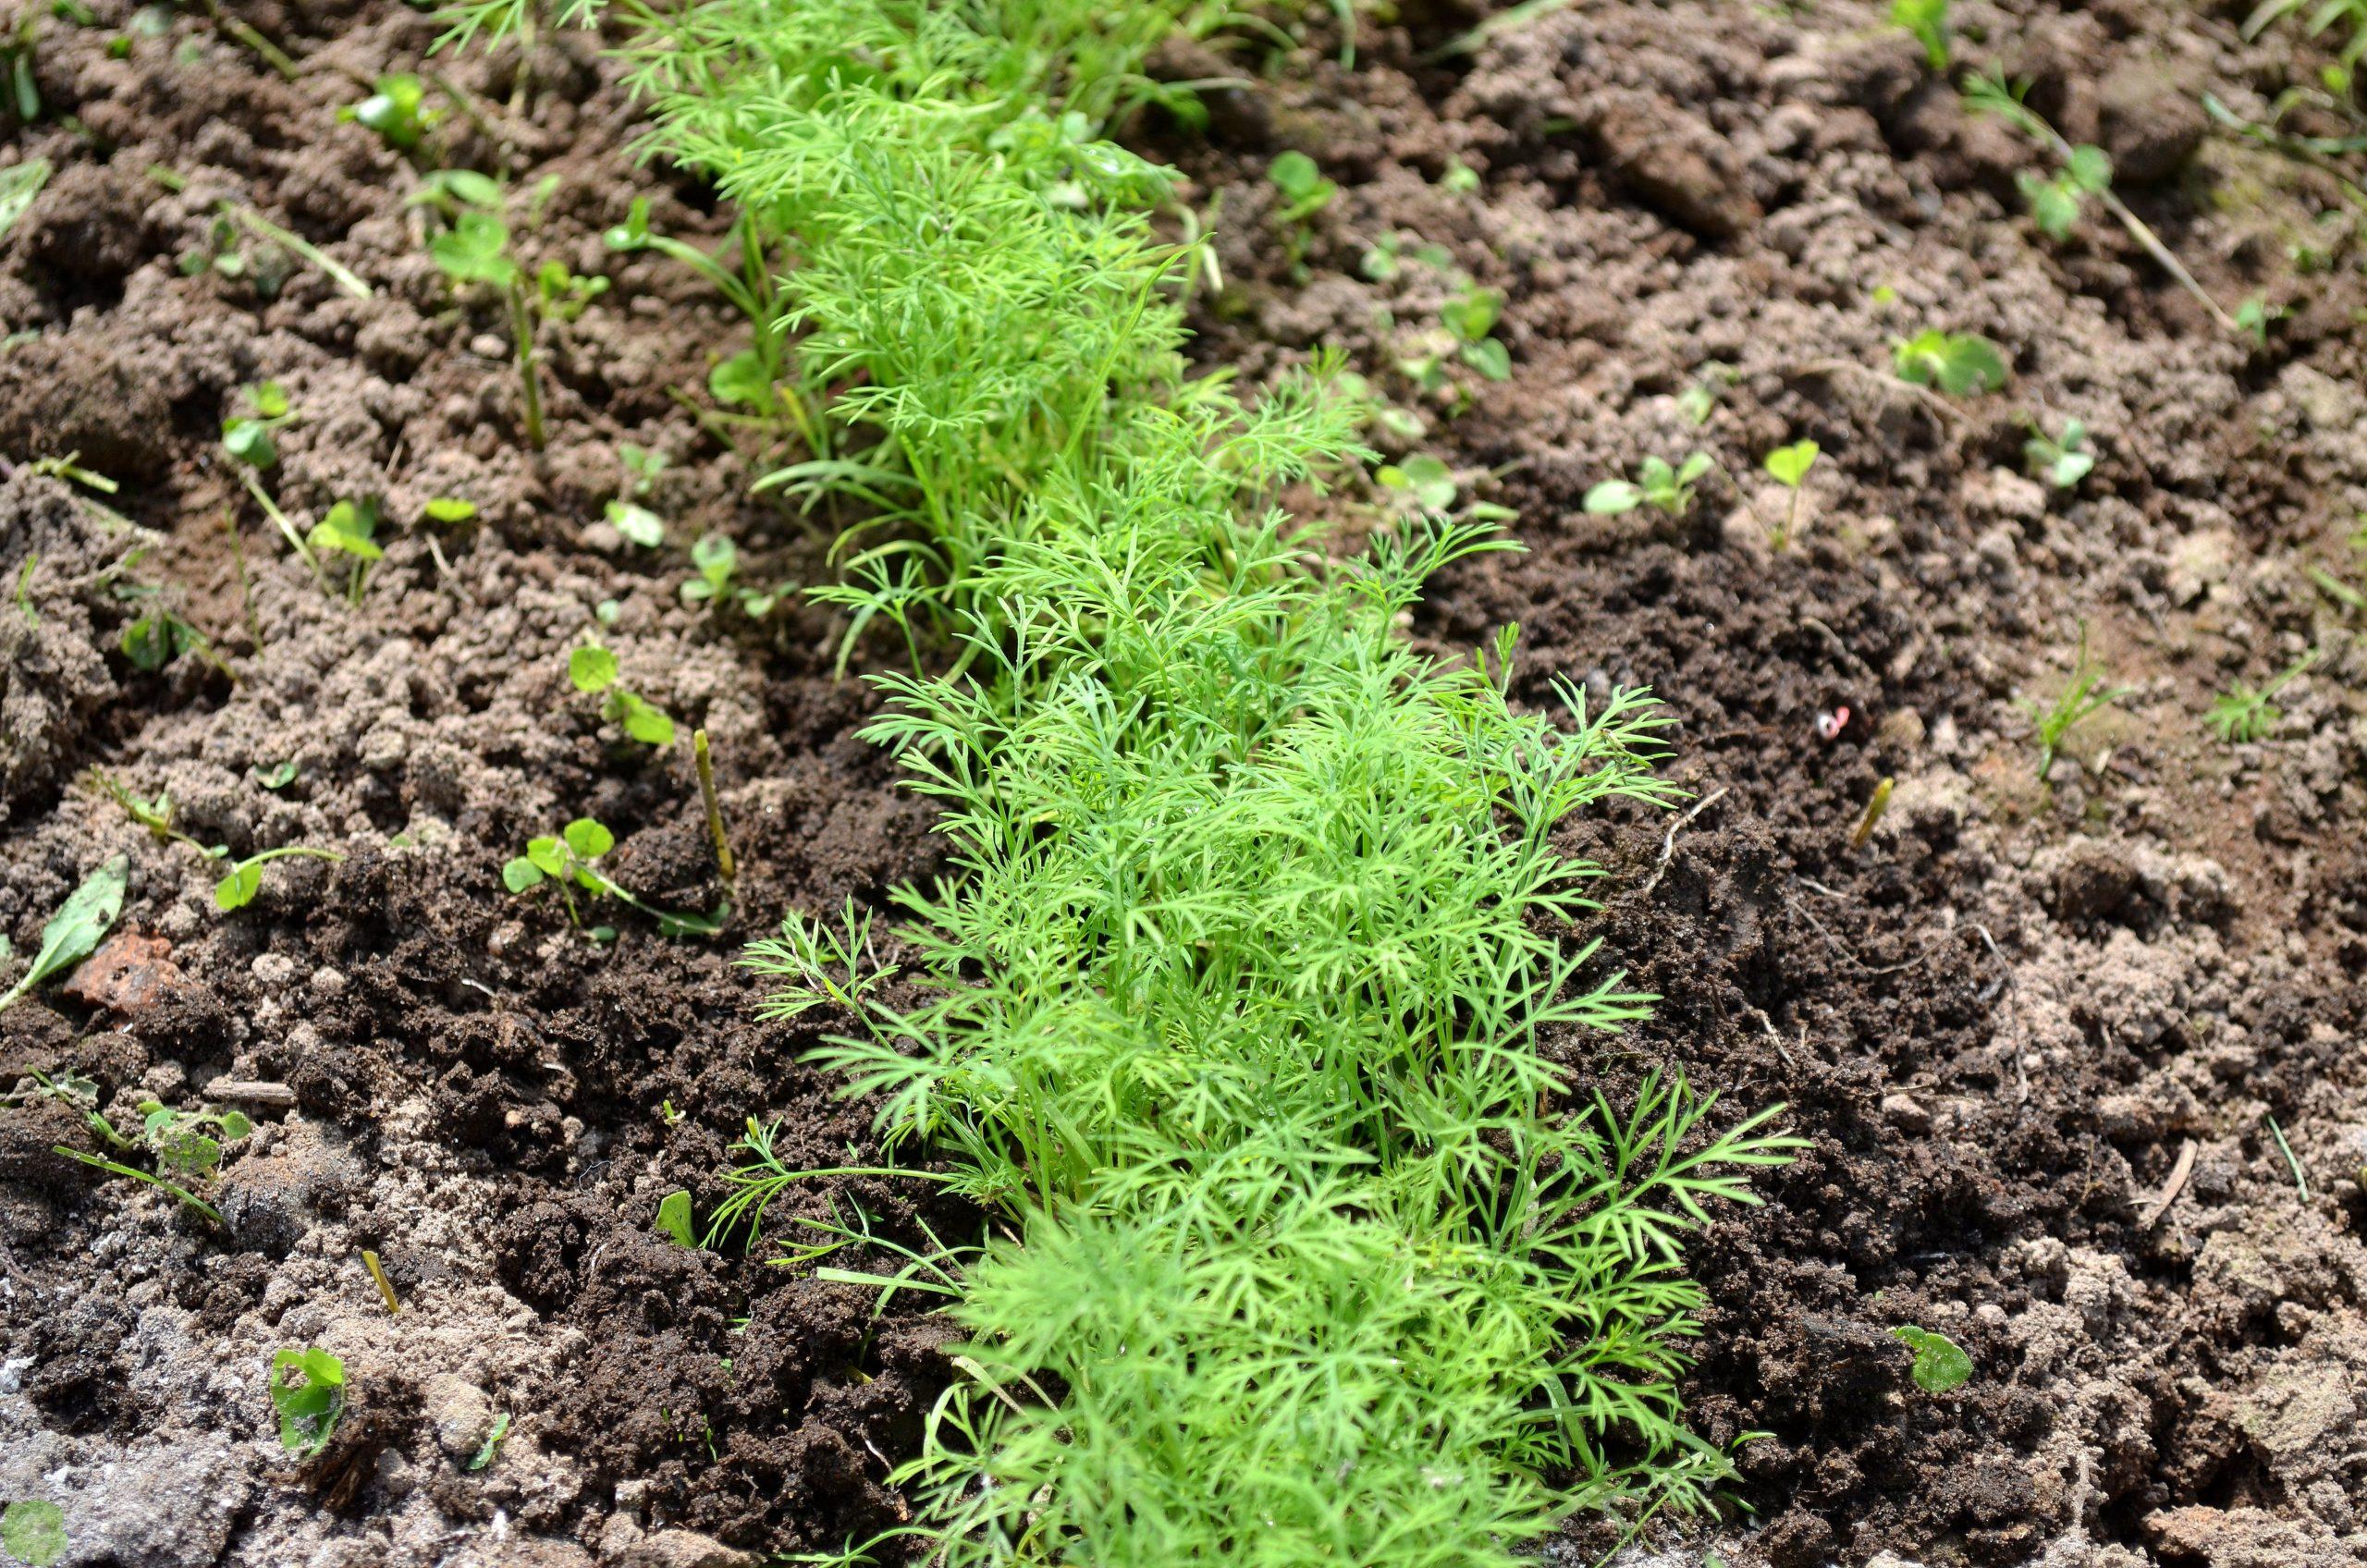 Когда сажать укроп: сроки посадки семян в открытый грунт в сибири и подмосковье весной и в другое время, можно ли сеять в мае-июне, как правильно проводить посев? русский фермер